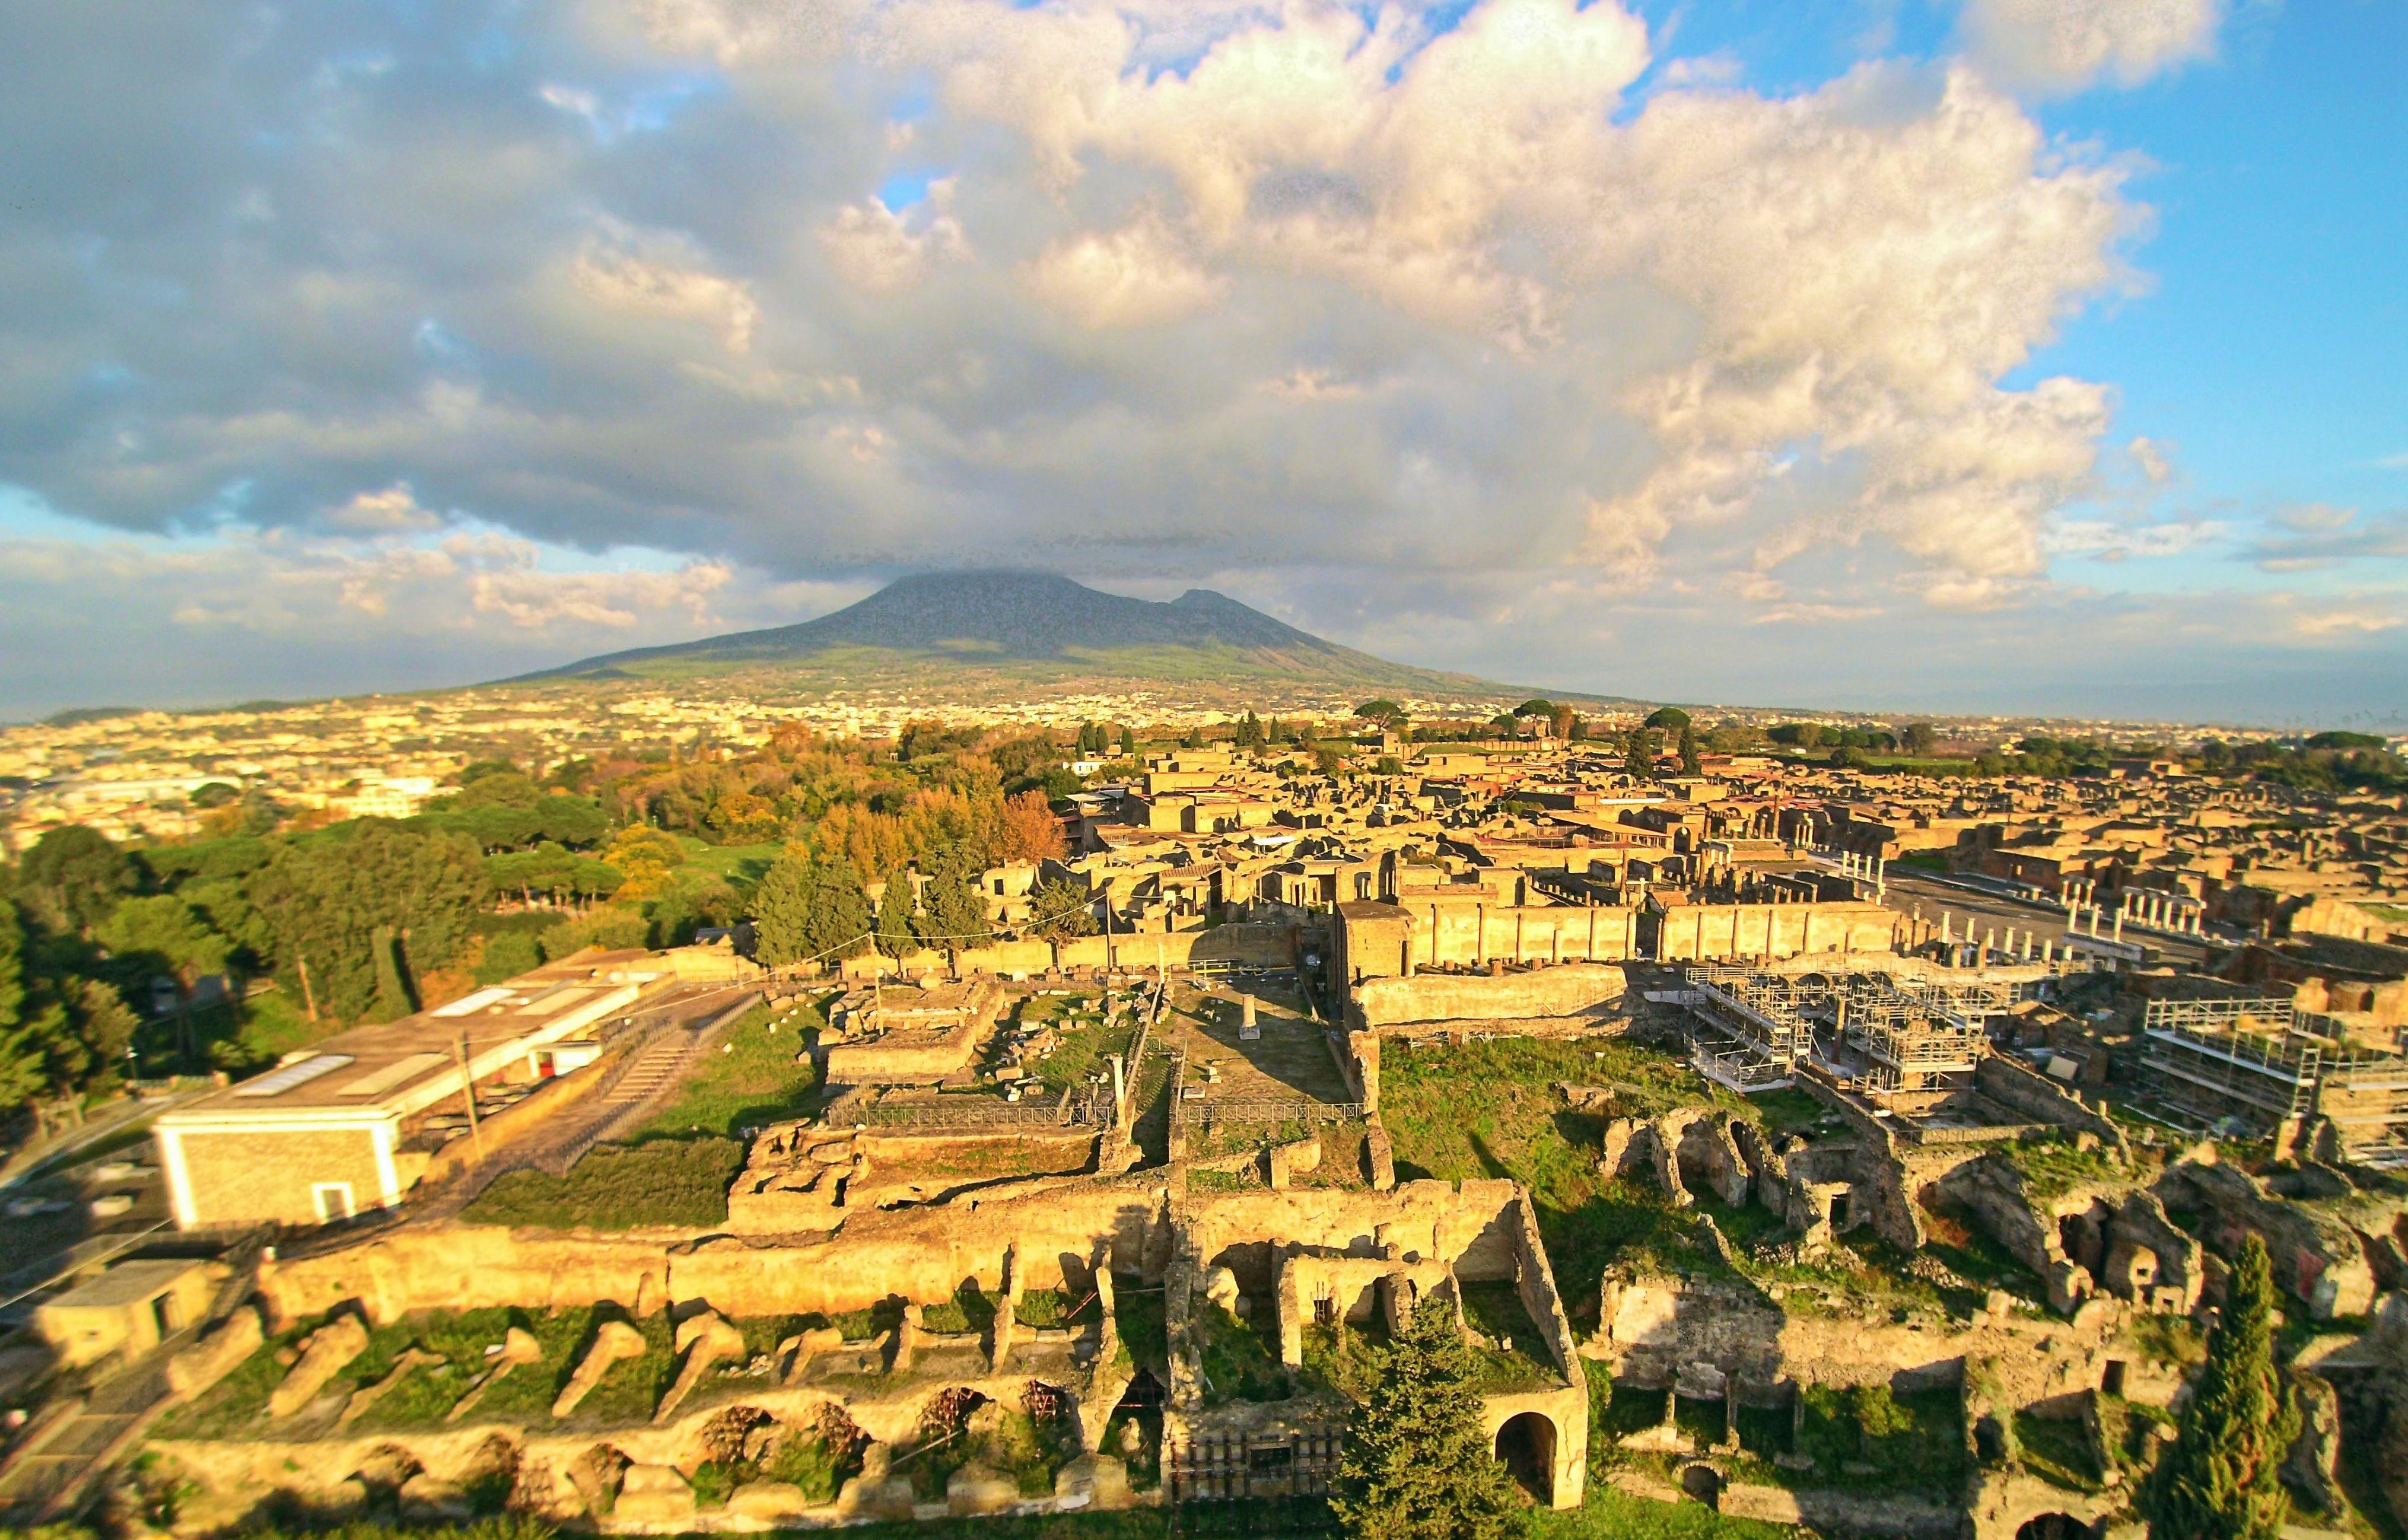 Ruínas de Pompeia com o vulcão Vesúvio ao fundo (Foto: Wikimedia/ElfQrin)